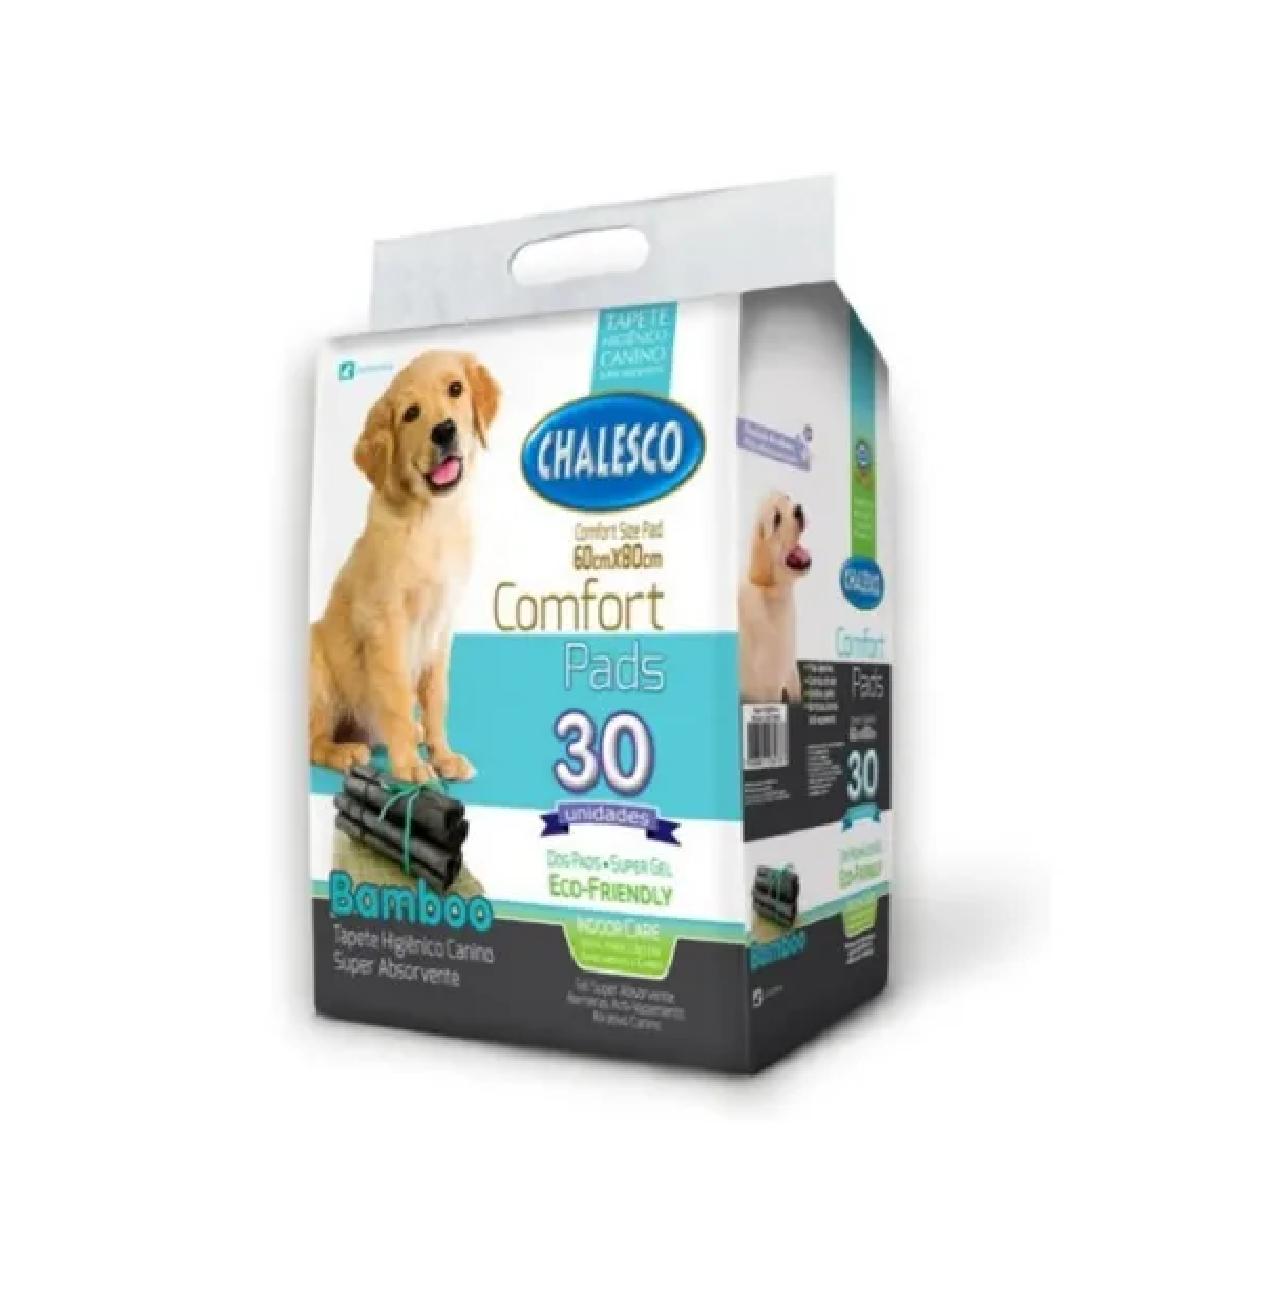 Tapete Higiênico Bamboo Ecológico Para Cães 30 Unidades - Chalesco